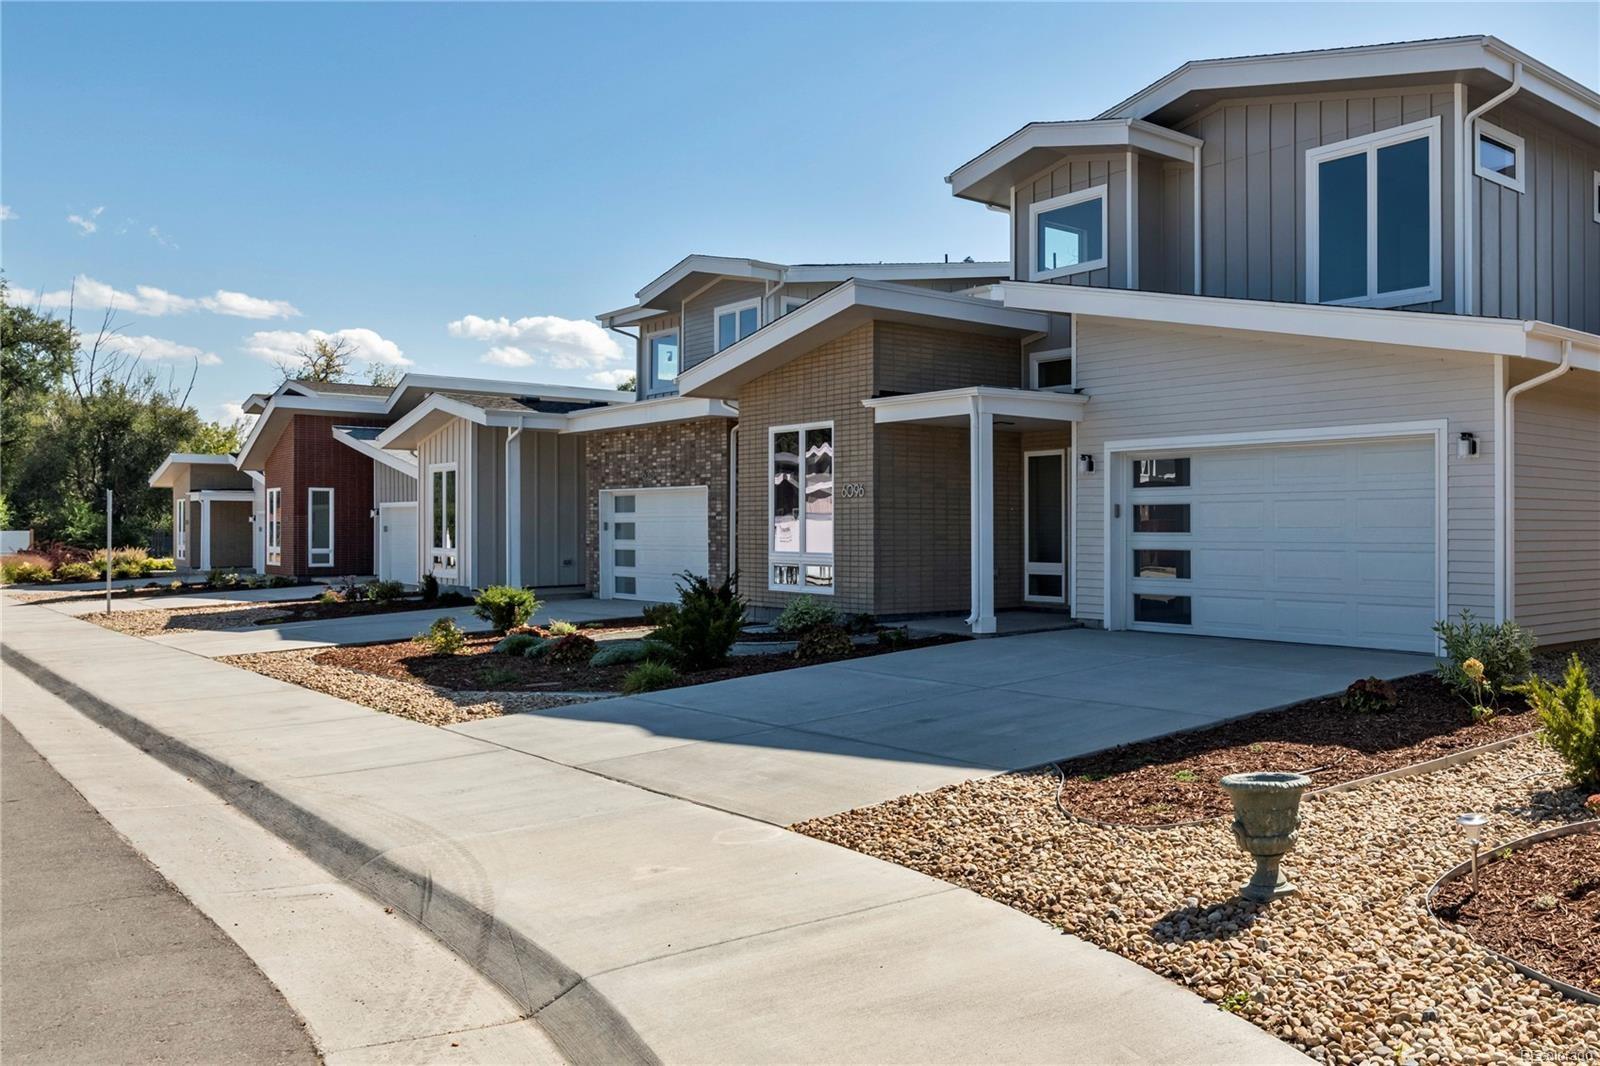 MLS# 7481609 - 1 - 6096  W Keene Avenue, Lakewood, CO 80235